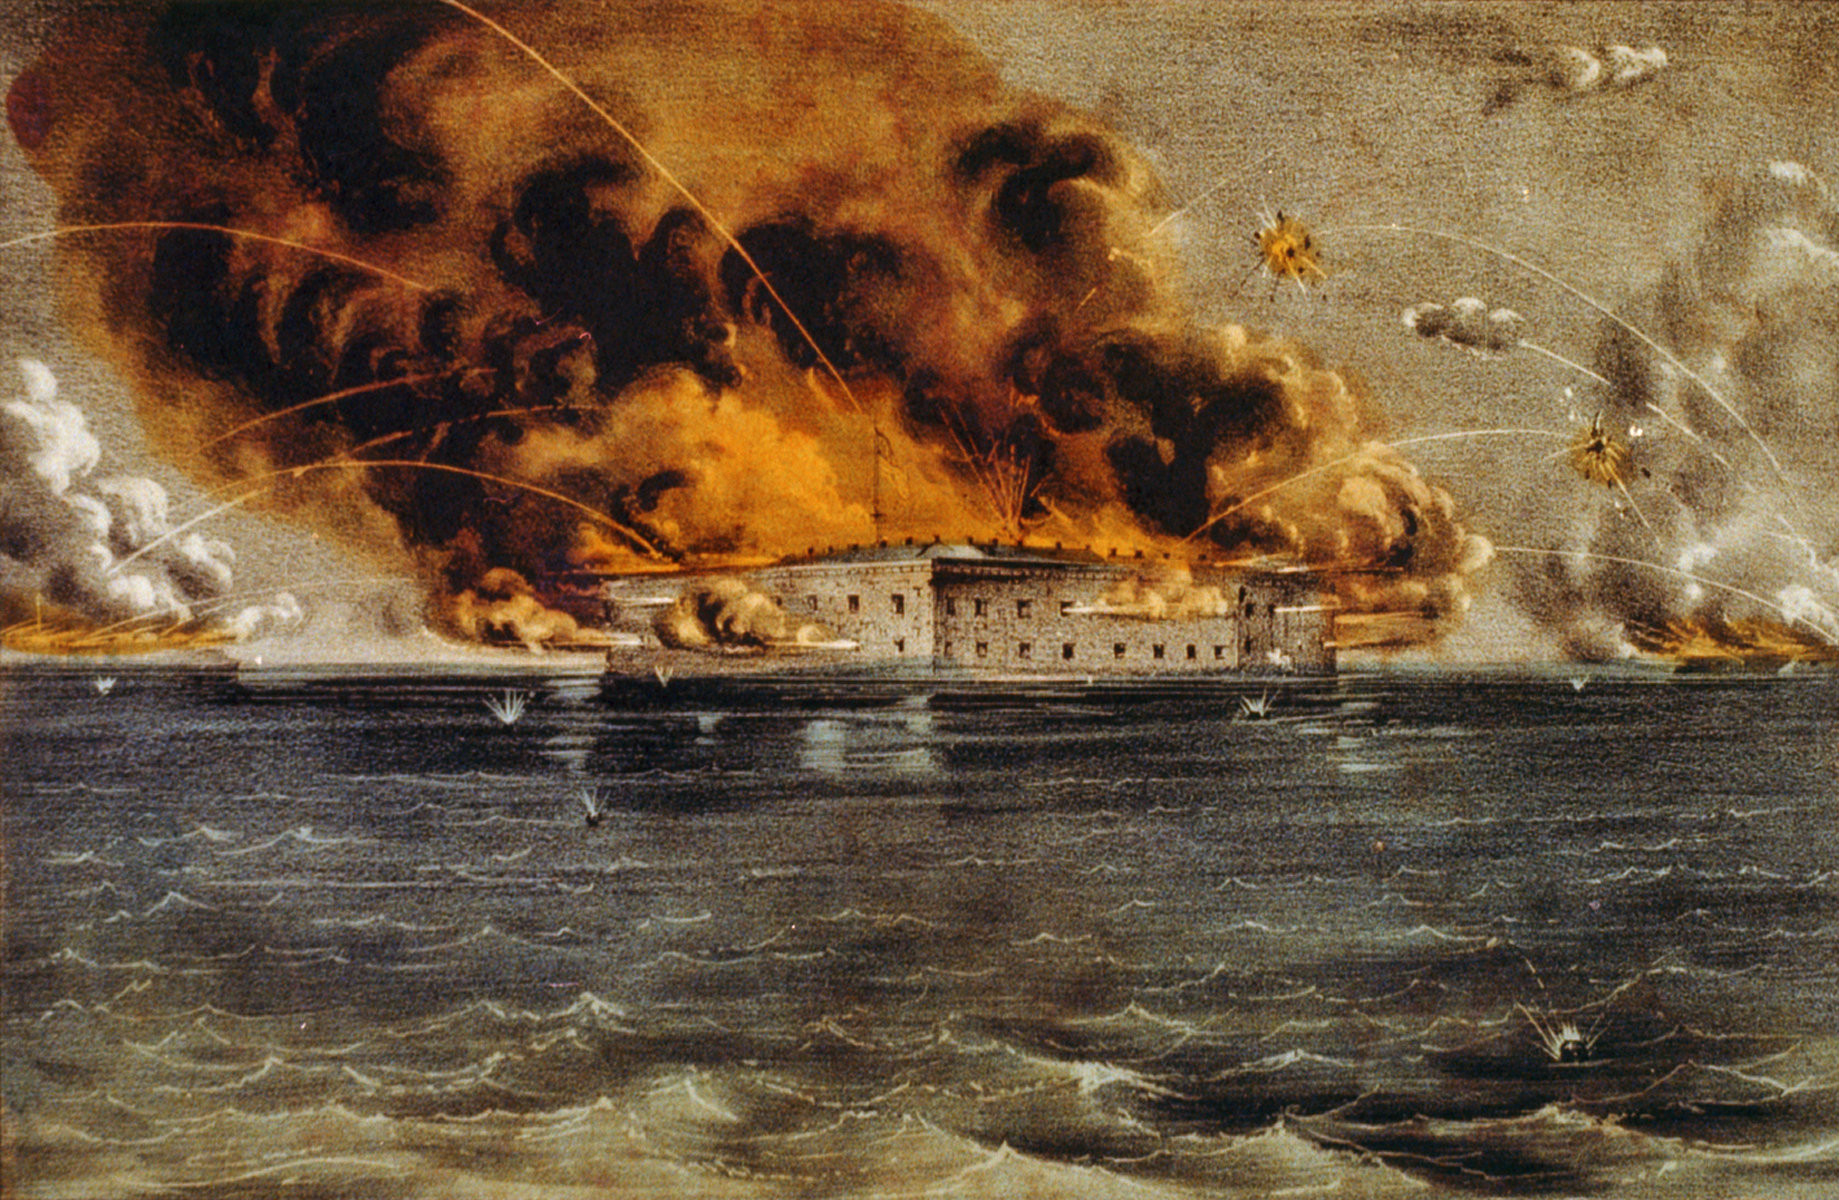 Форт Самтер под огнем. 13 апреля 1861 года. 1861